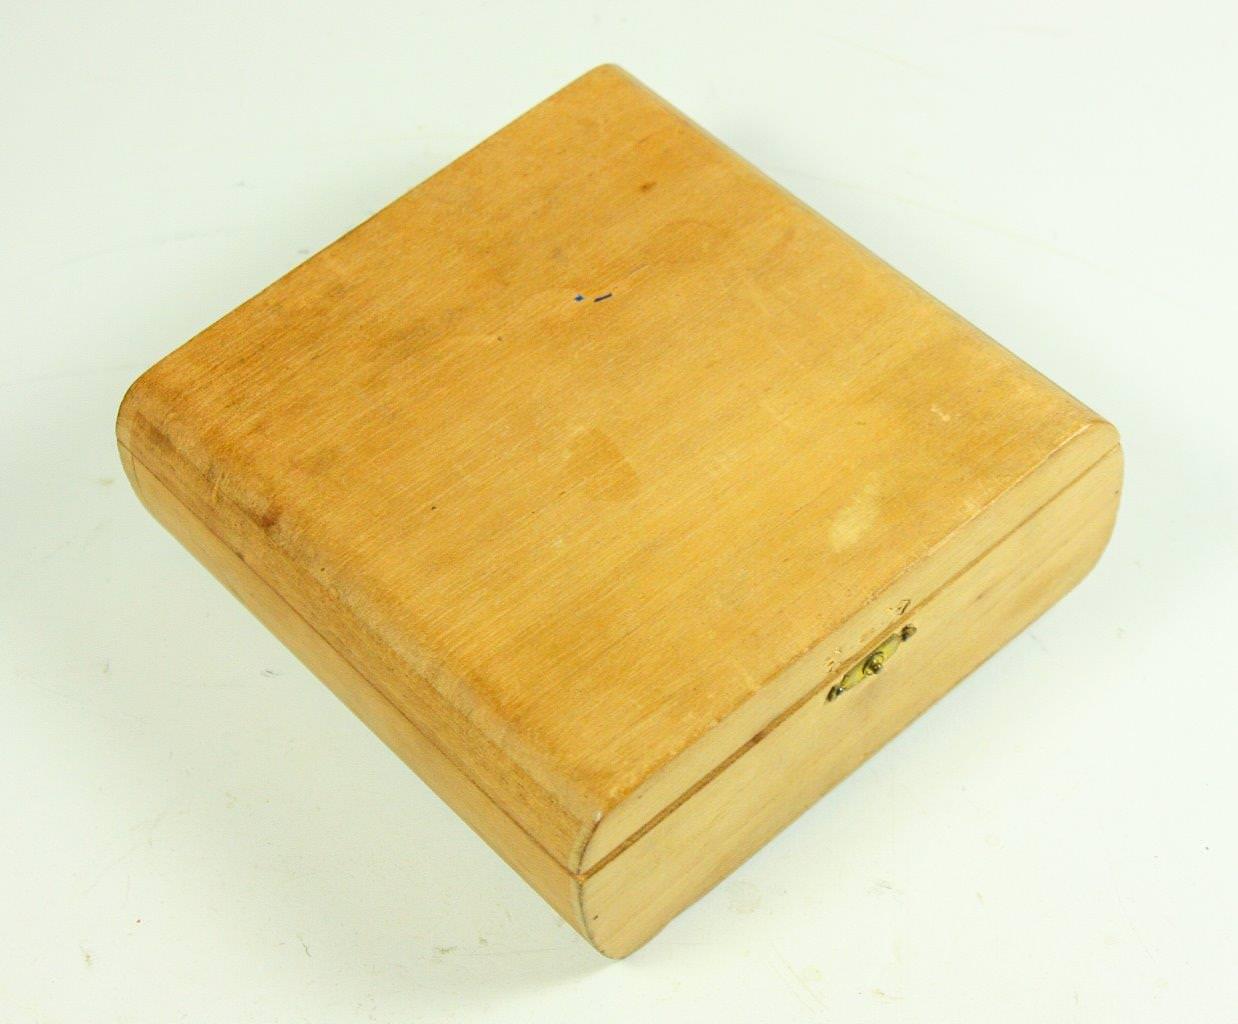 34. Коробка деревянная из-под сигар. Общий вид. 1962 г. Республика Куба